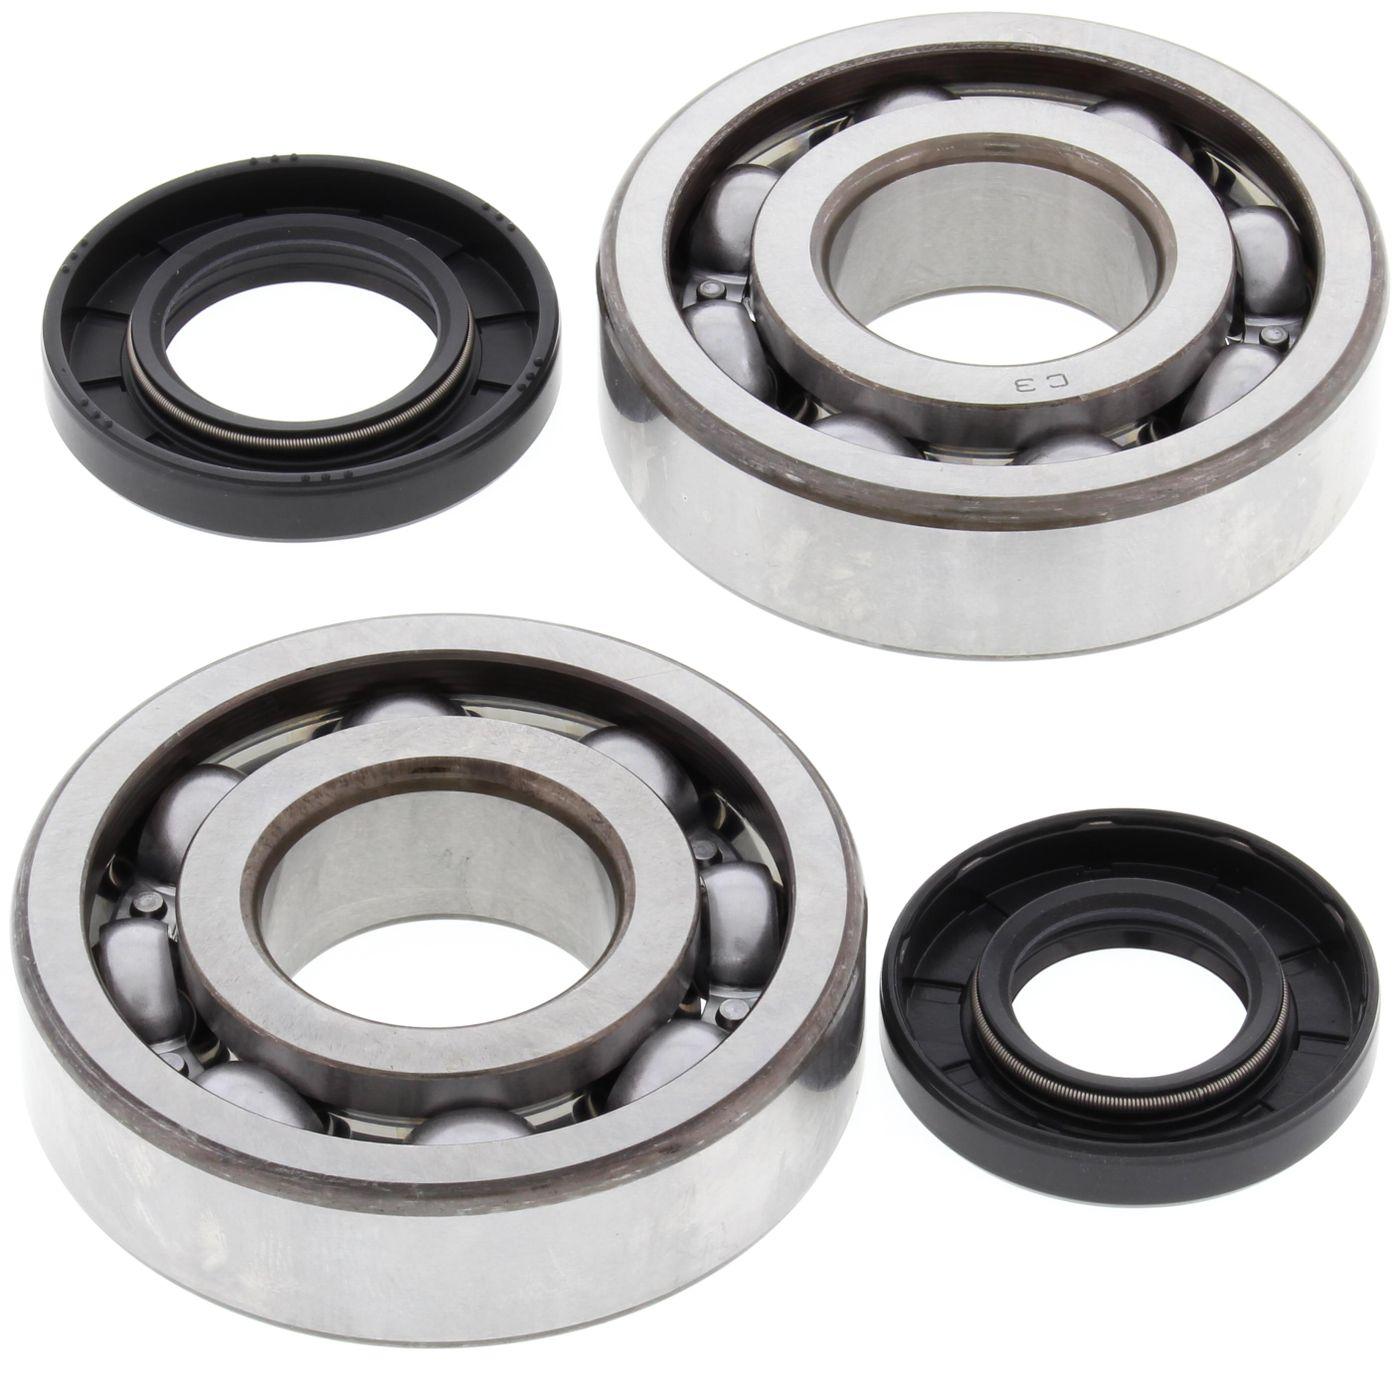 Wrp Crank Bearing & Seal Kits - WRP241010 image